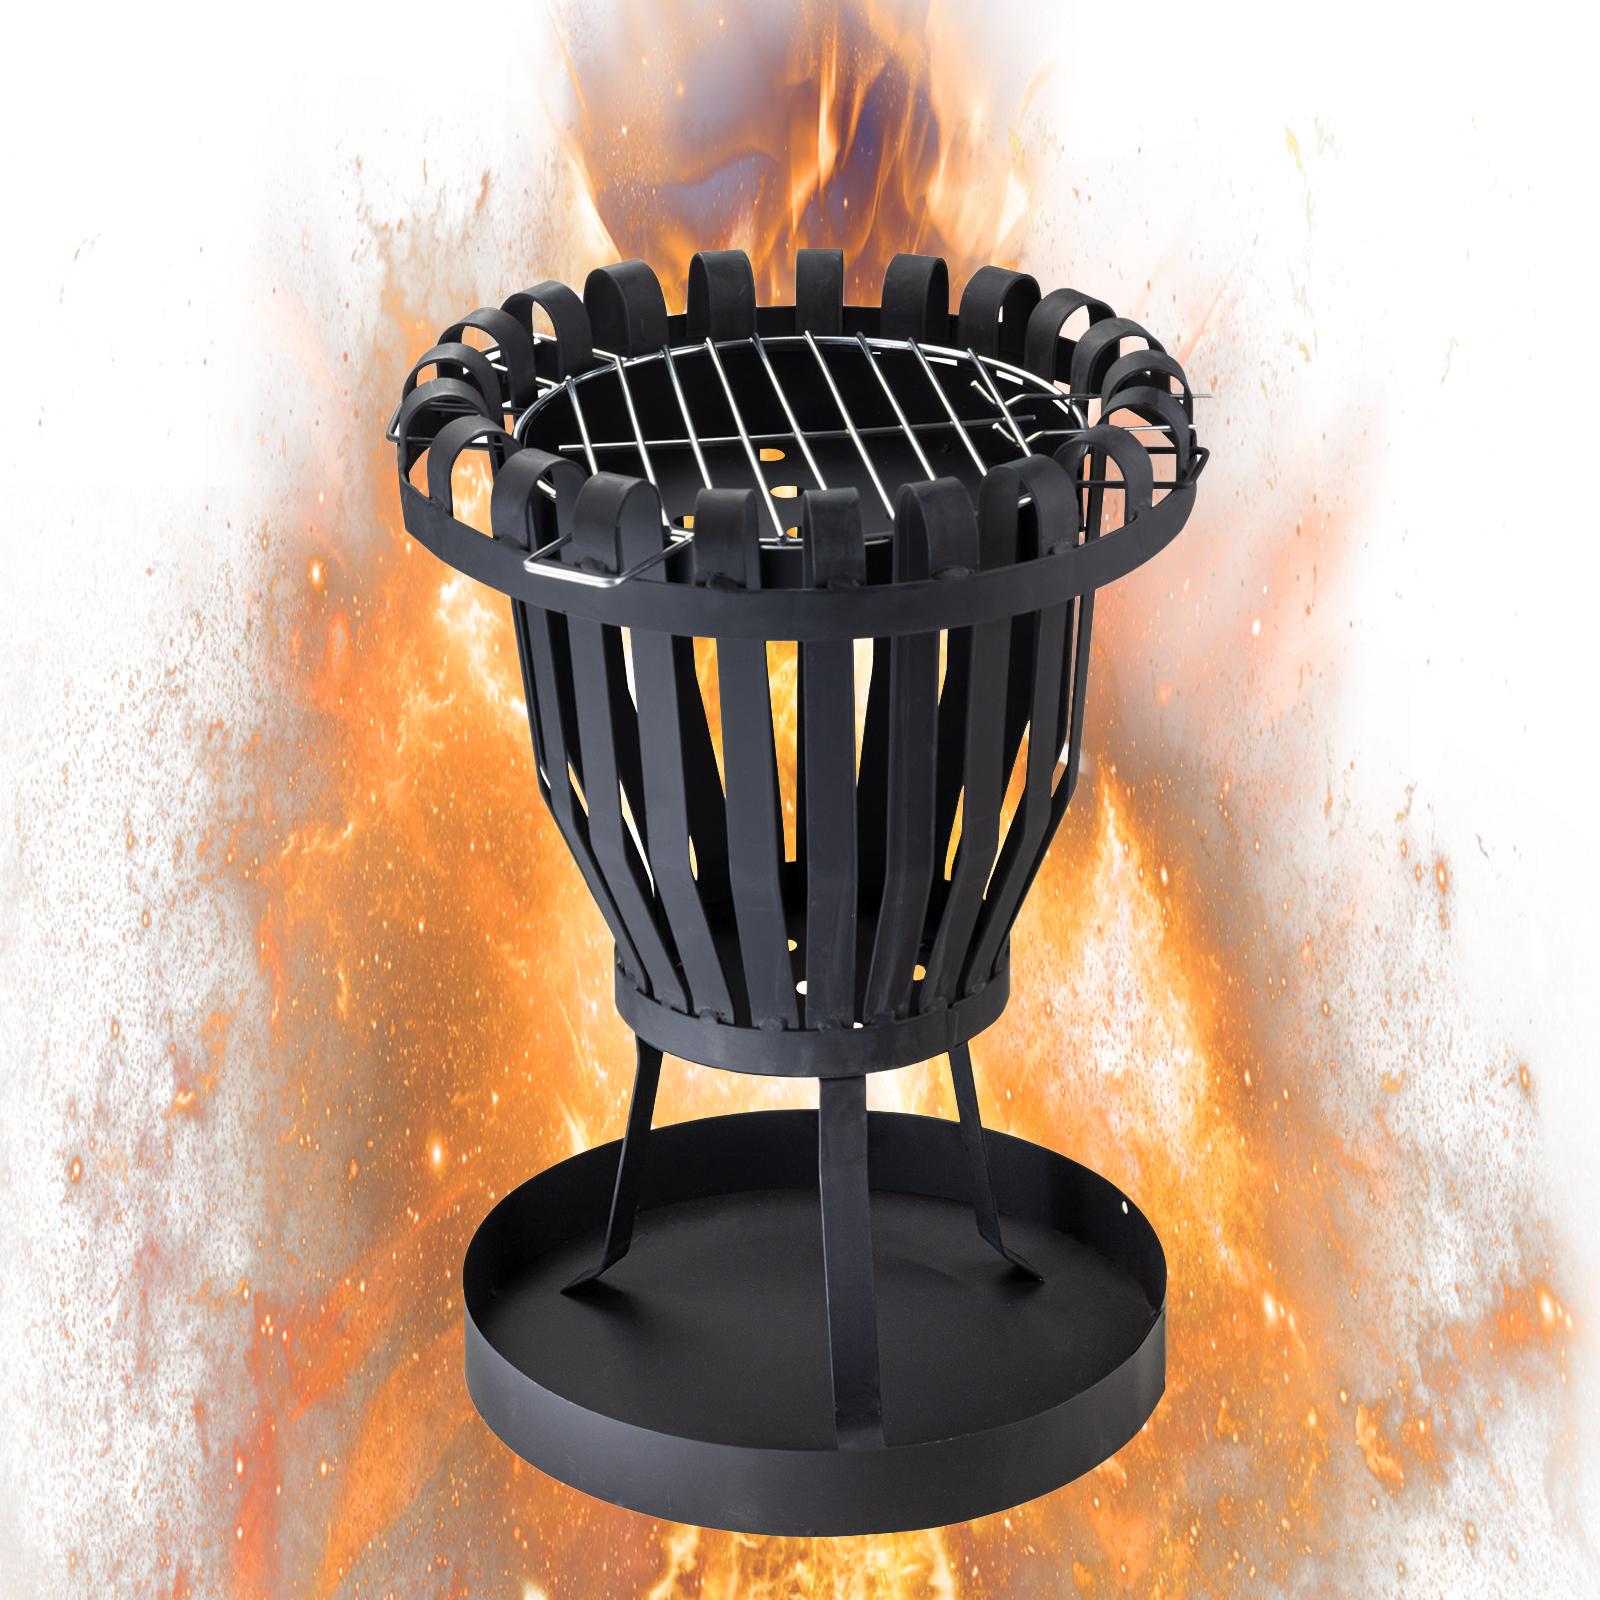 Feuerkorb Feuerschale Feuerstelle Xl Stabilo Mehr Als Nur Baumarkt